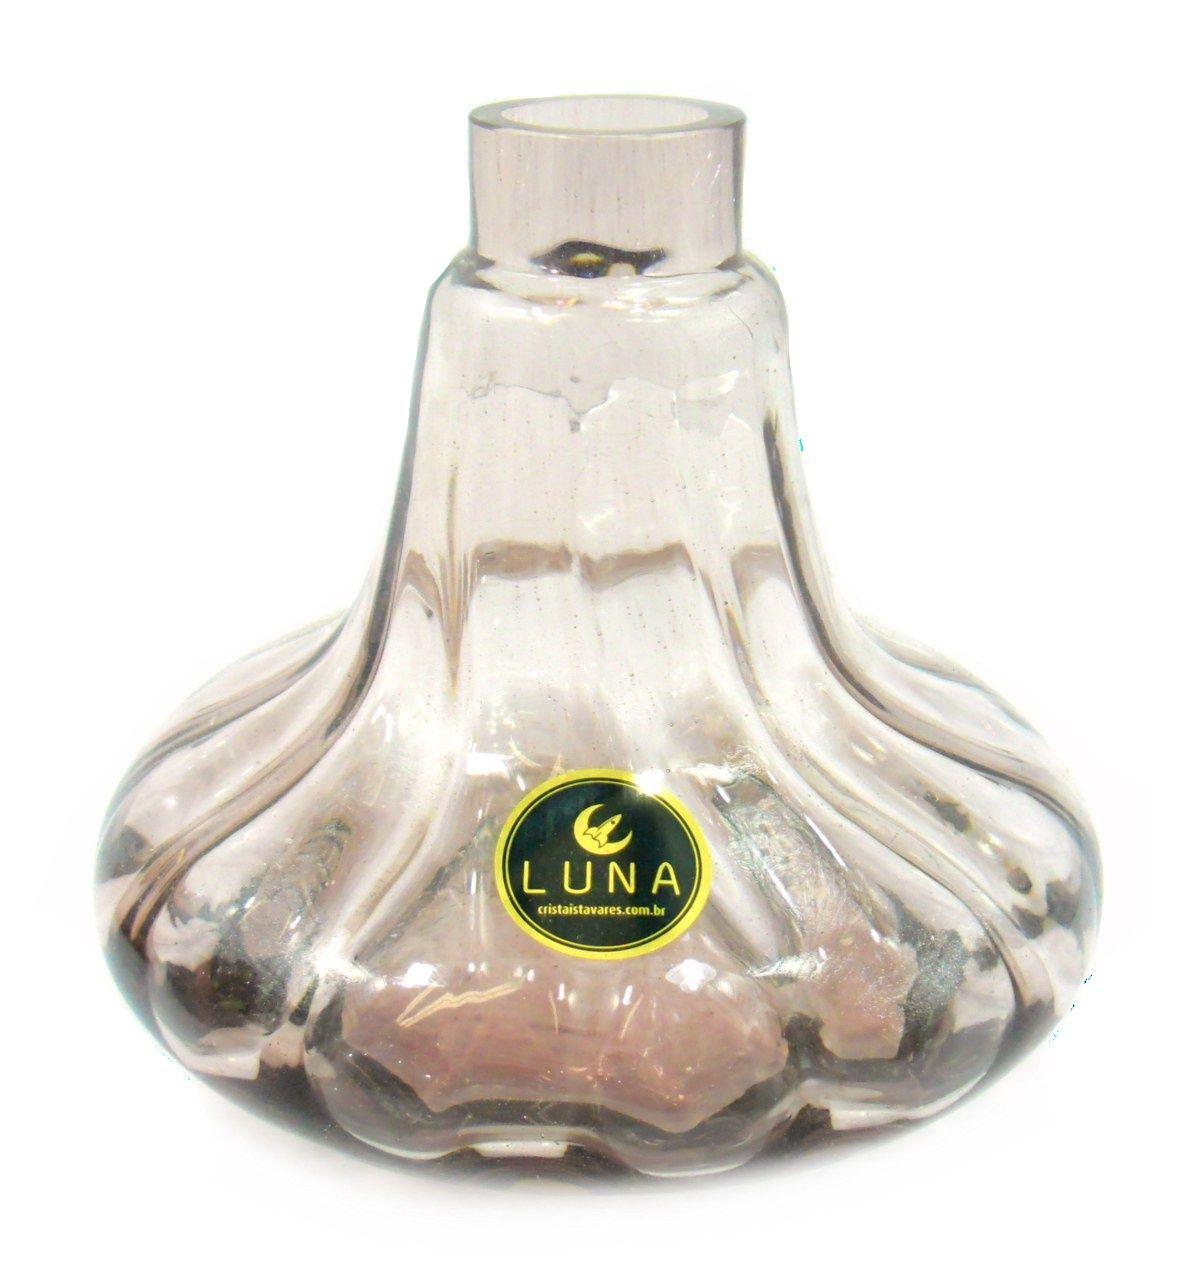 Vaso/base para narguile Aladin / Gênio 15,5cm, marca LUNA, em vidro tonalizado. Encaixe macho.